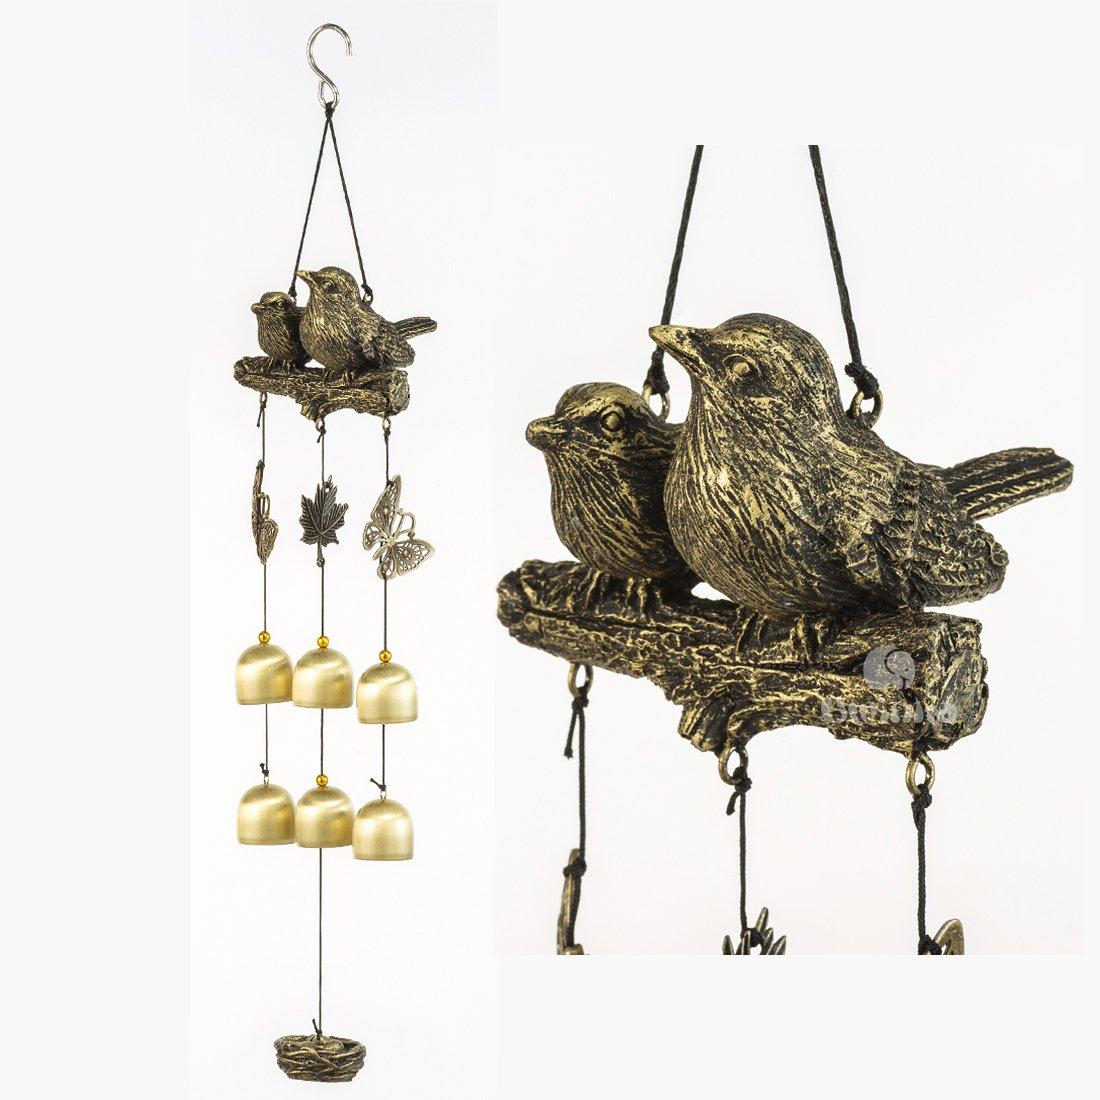 BWinka Neueste Vögel Wind Chime 6 Stücke Bronze Glocken Amazing Grace Windspiele für Garten, Hof, Terrasse und Inneneinrichtungen mit Haken